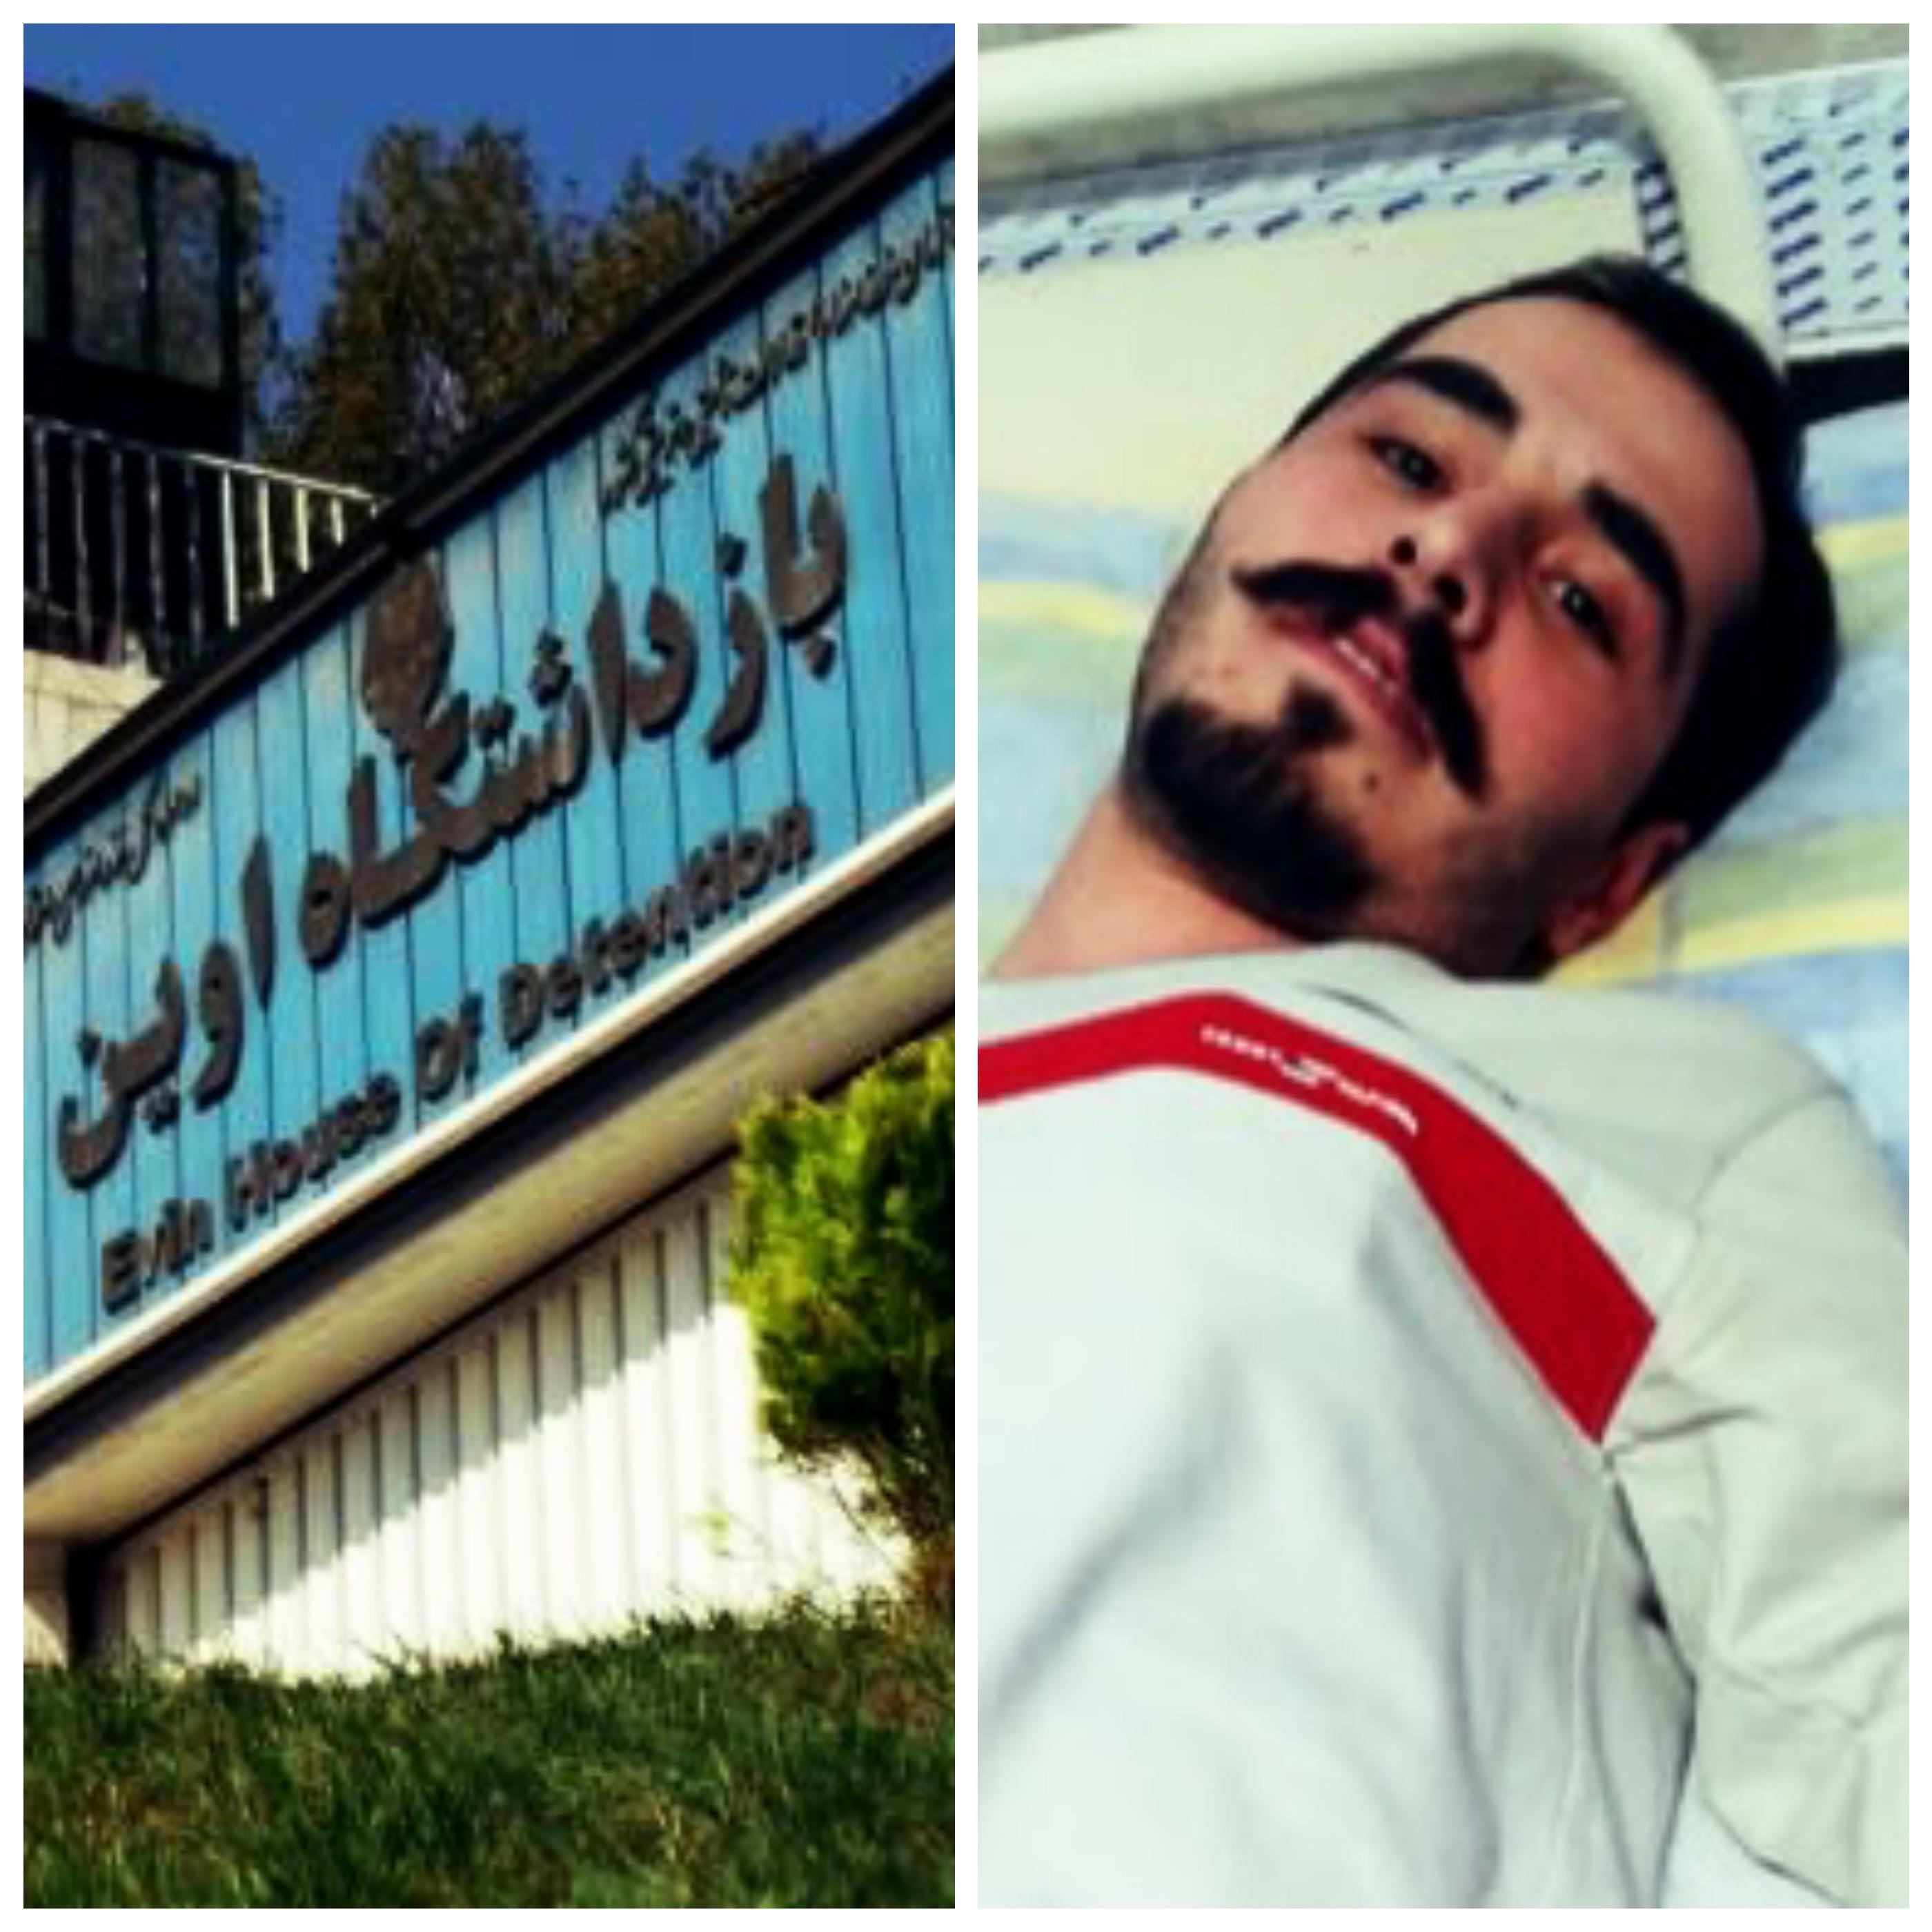 حسین رونقی ملکی؛ انتقال به بیمارستان و بازگشت به زندان